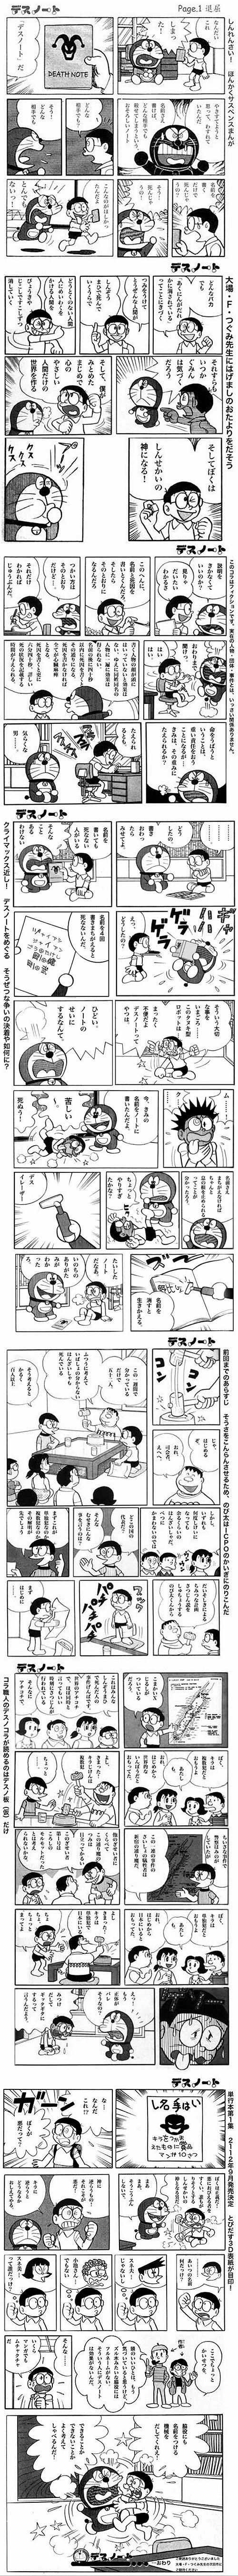 殿堂入り漫画:ドラえもん -デスノート- [爆笑]